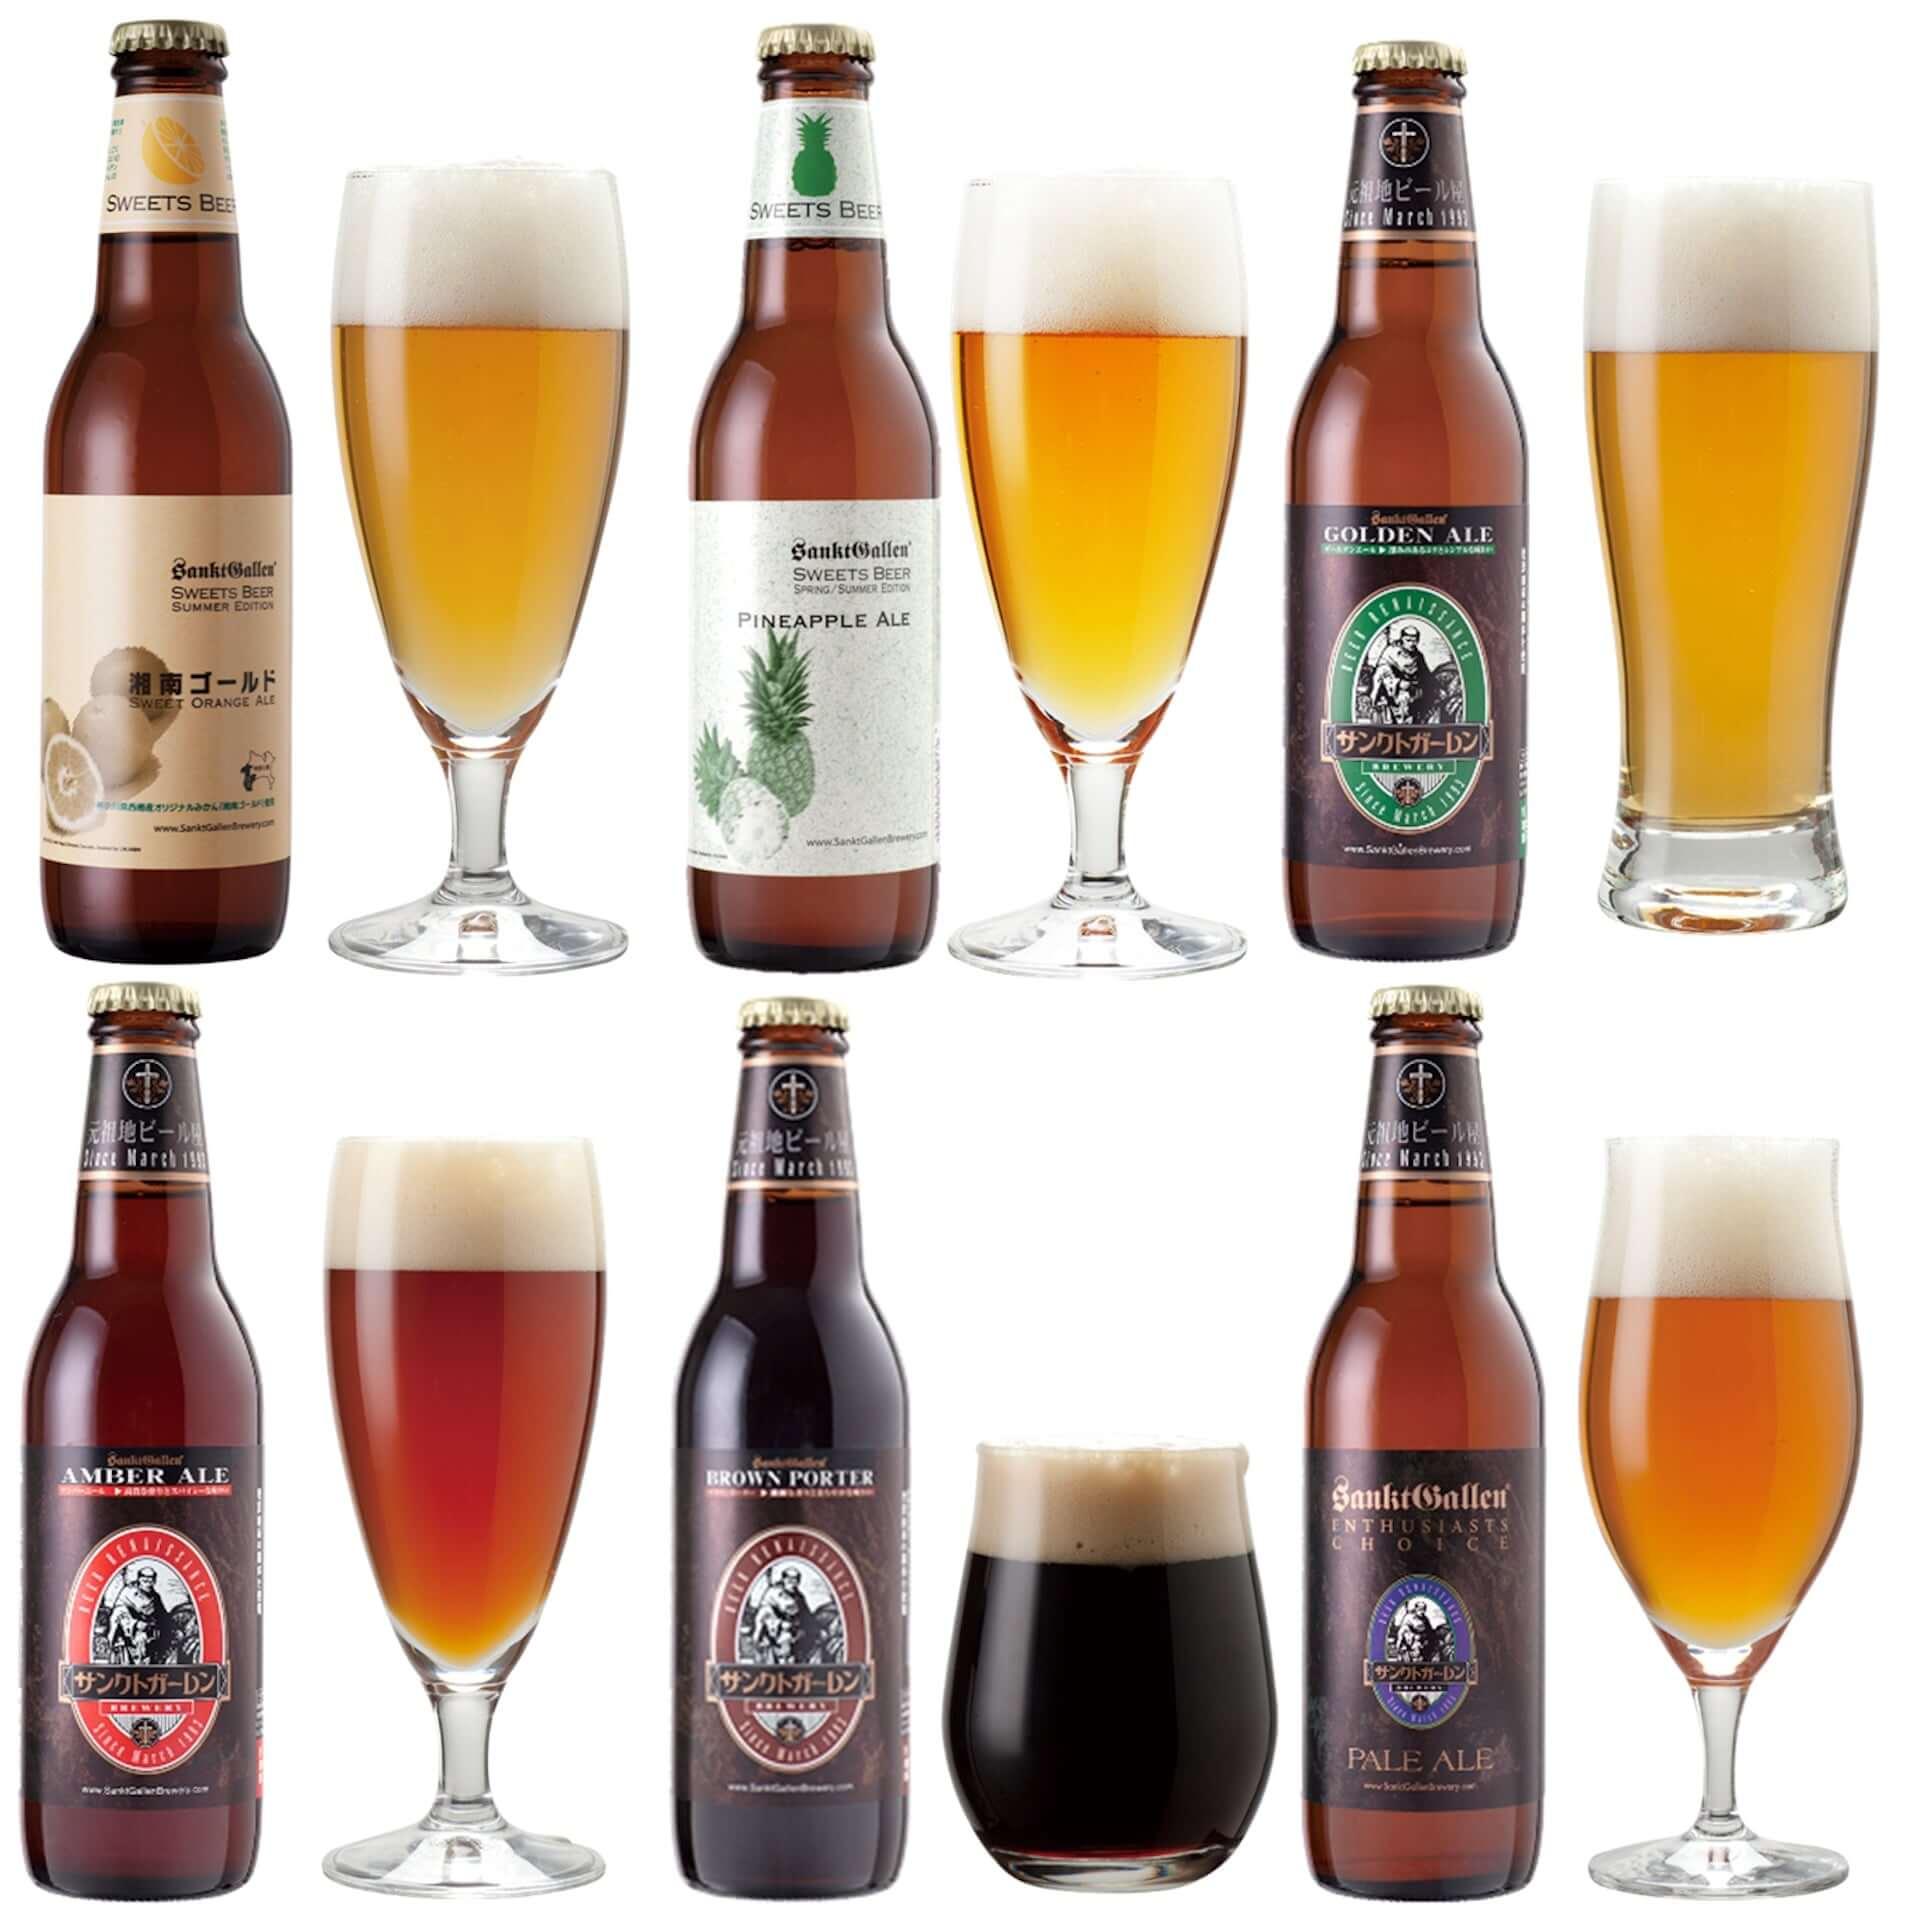 フルーツビールやクラフトビールが最大15%割引に!サンクトガーレンによる宅飲み応援キャンペーンが5月末まで延長決定 gourmet200507_sanktgallen_8-1920x1920